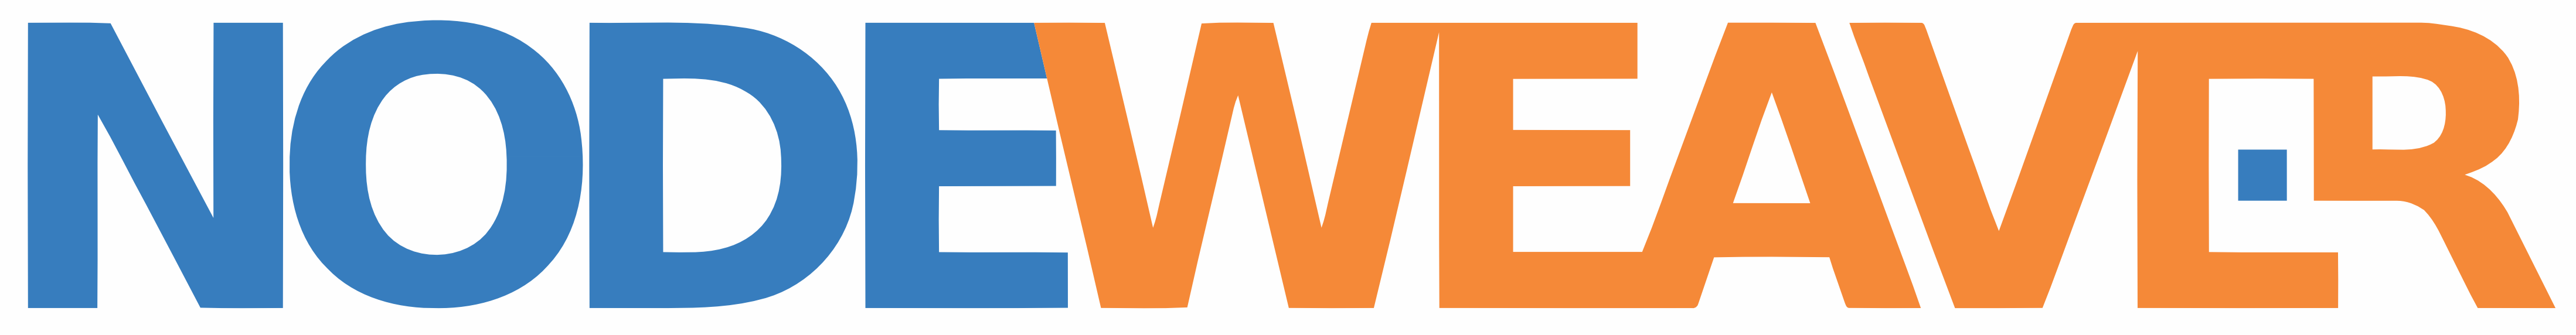 nodeweaver-logo (1)